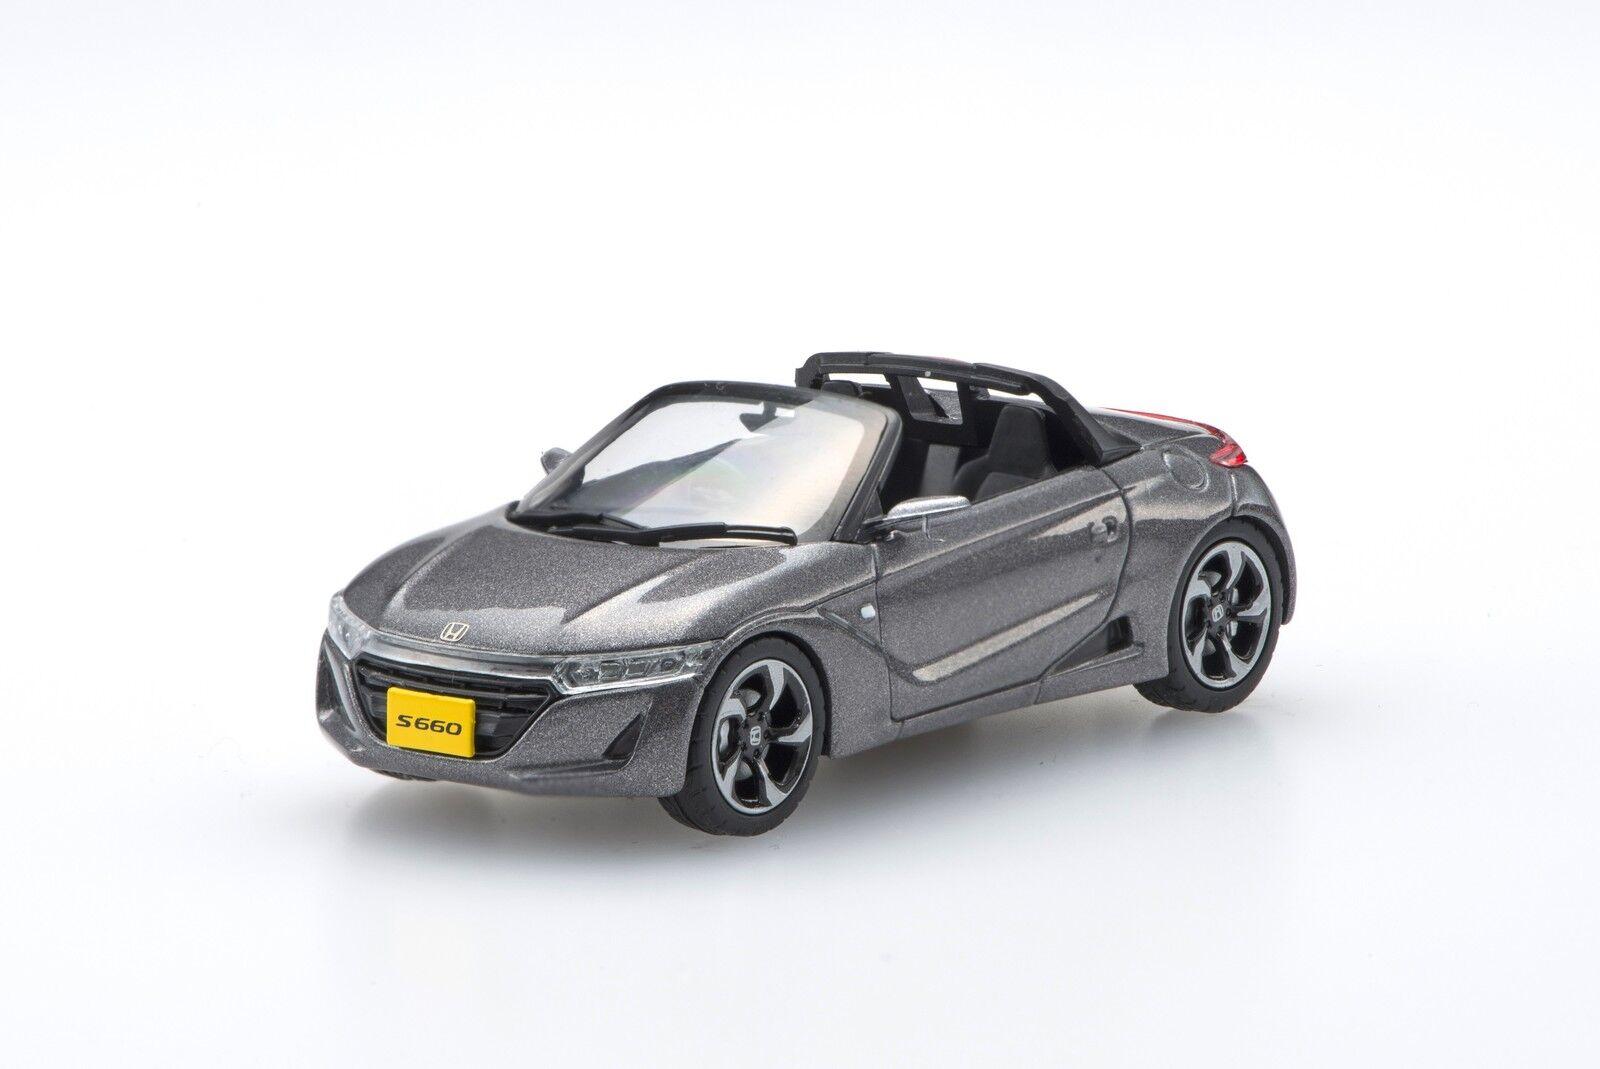 disfrutando de sus compras Ebbro 45362 1 43 Honda S660 gris gris gris modelo coches  tienda de venta